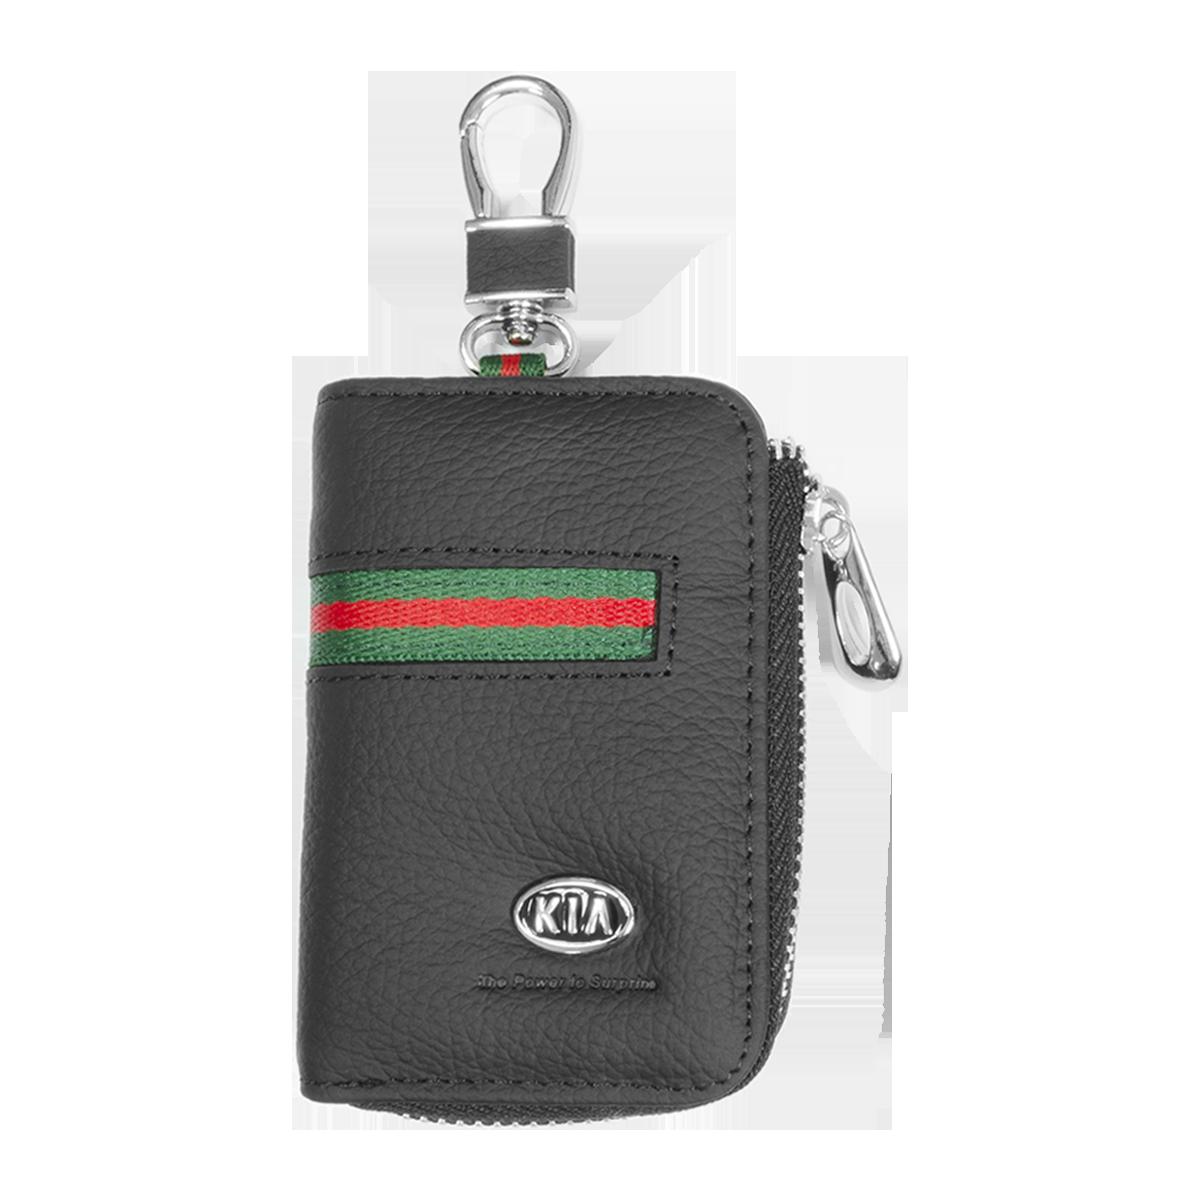 Ключница Carss с логотипом KIA 05012 многофункциональная черная